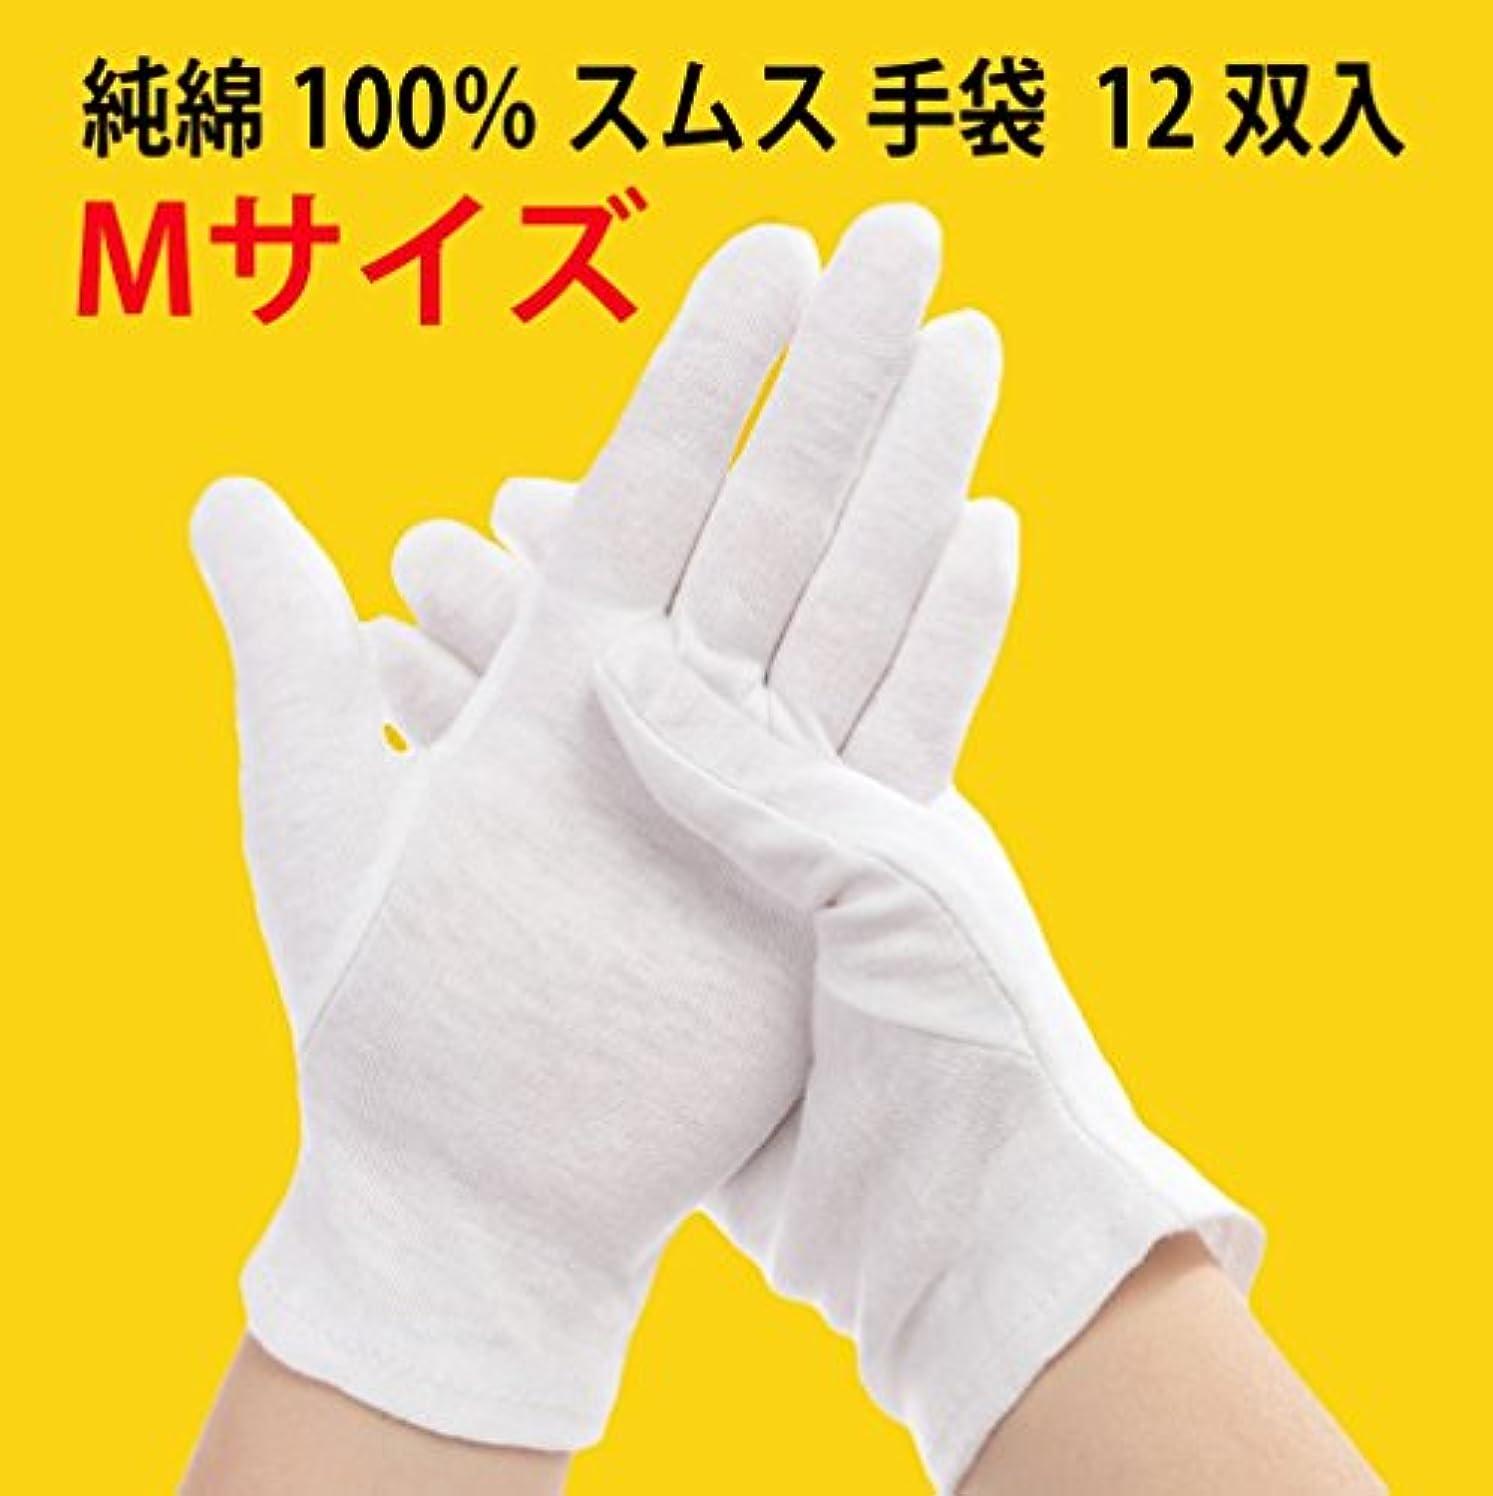 版敷居壊滅的な純綿100% スムス 手袋 Mサイズ 12双 多用途 101115